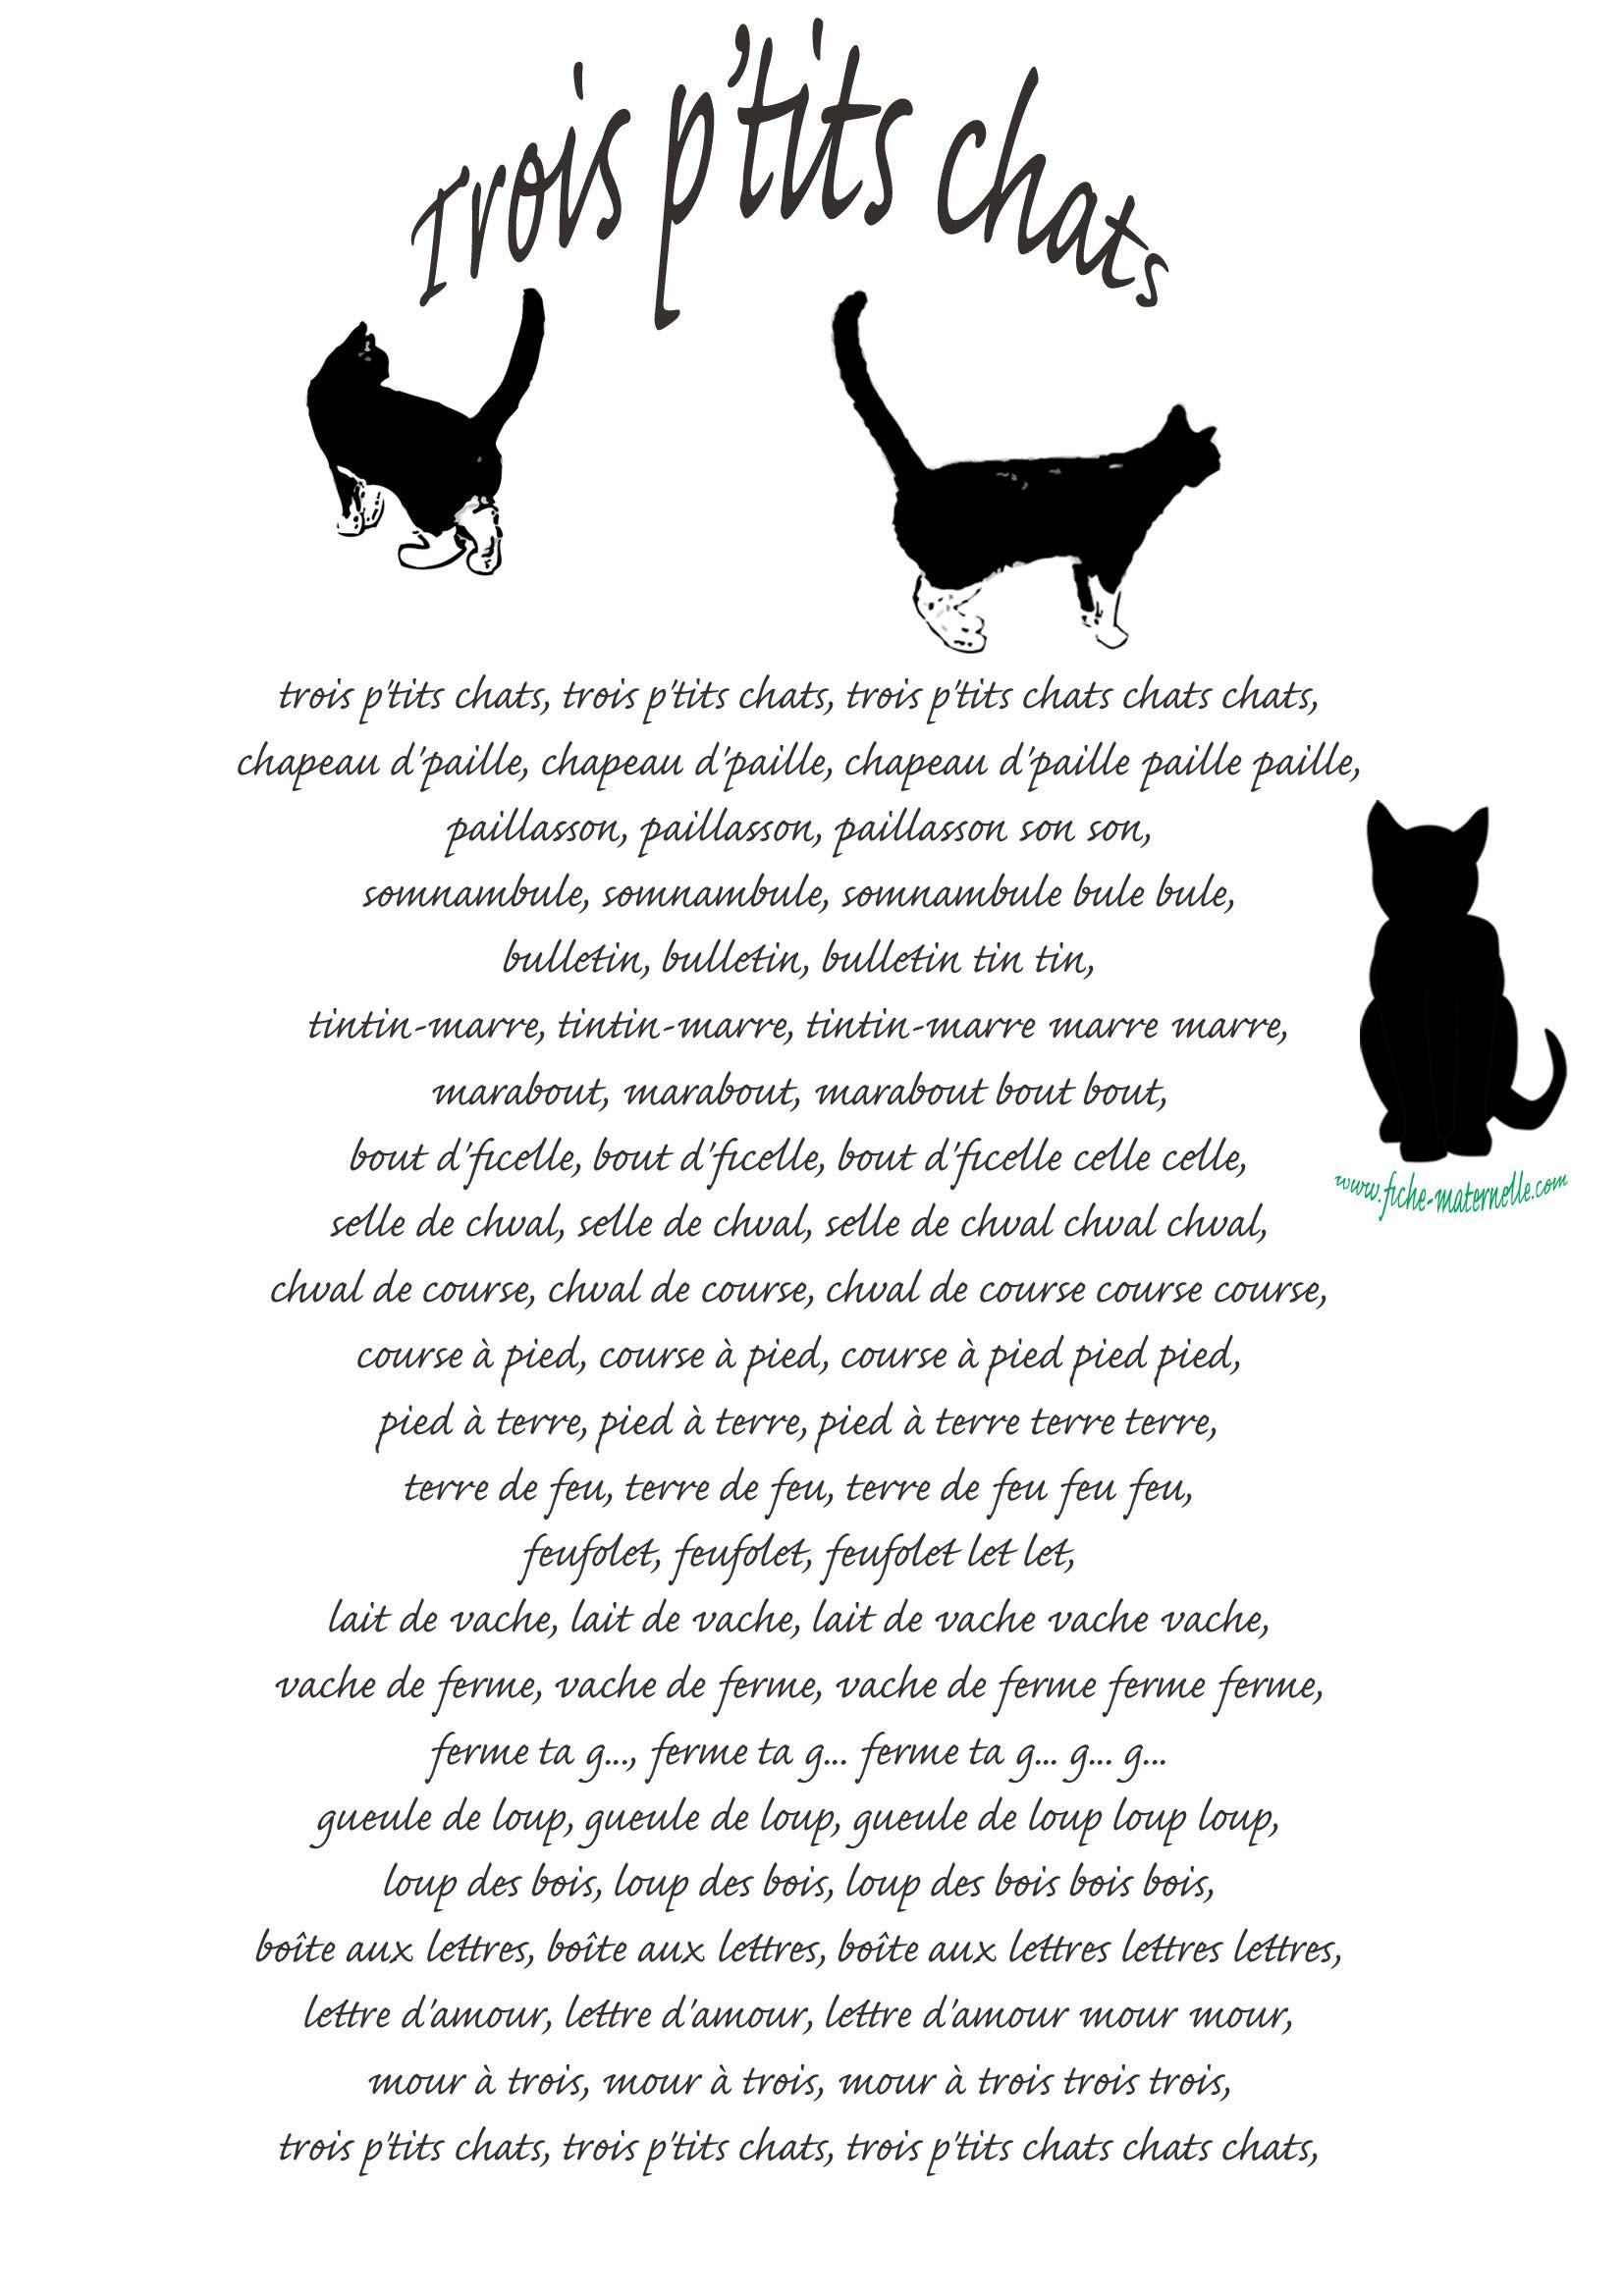 parole chanson 3 petit chat